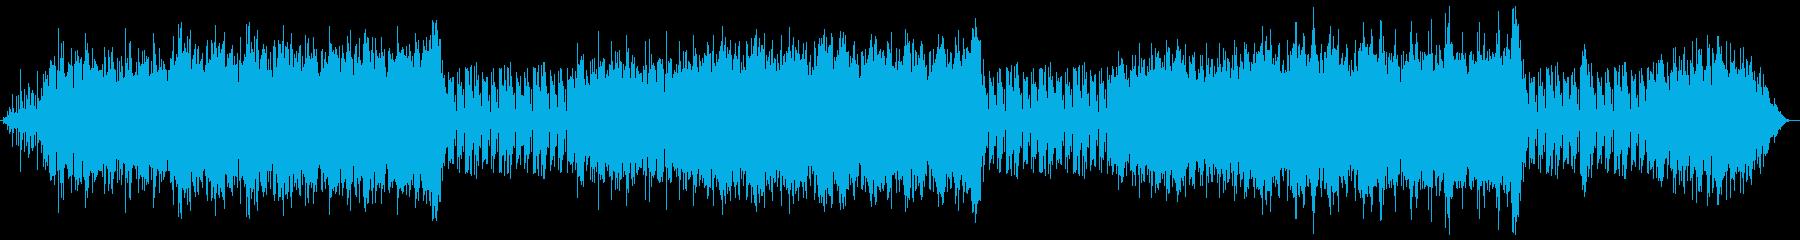 あざやかな海を表した曲の再生済みの波形